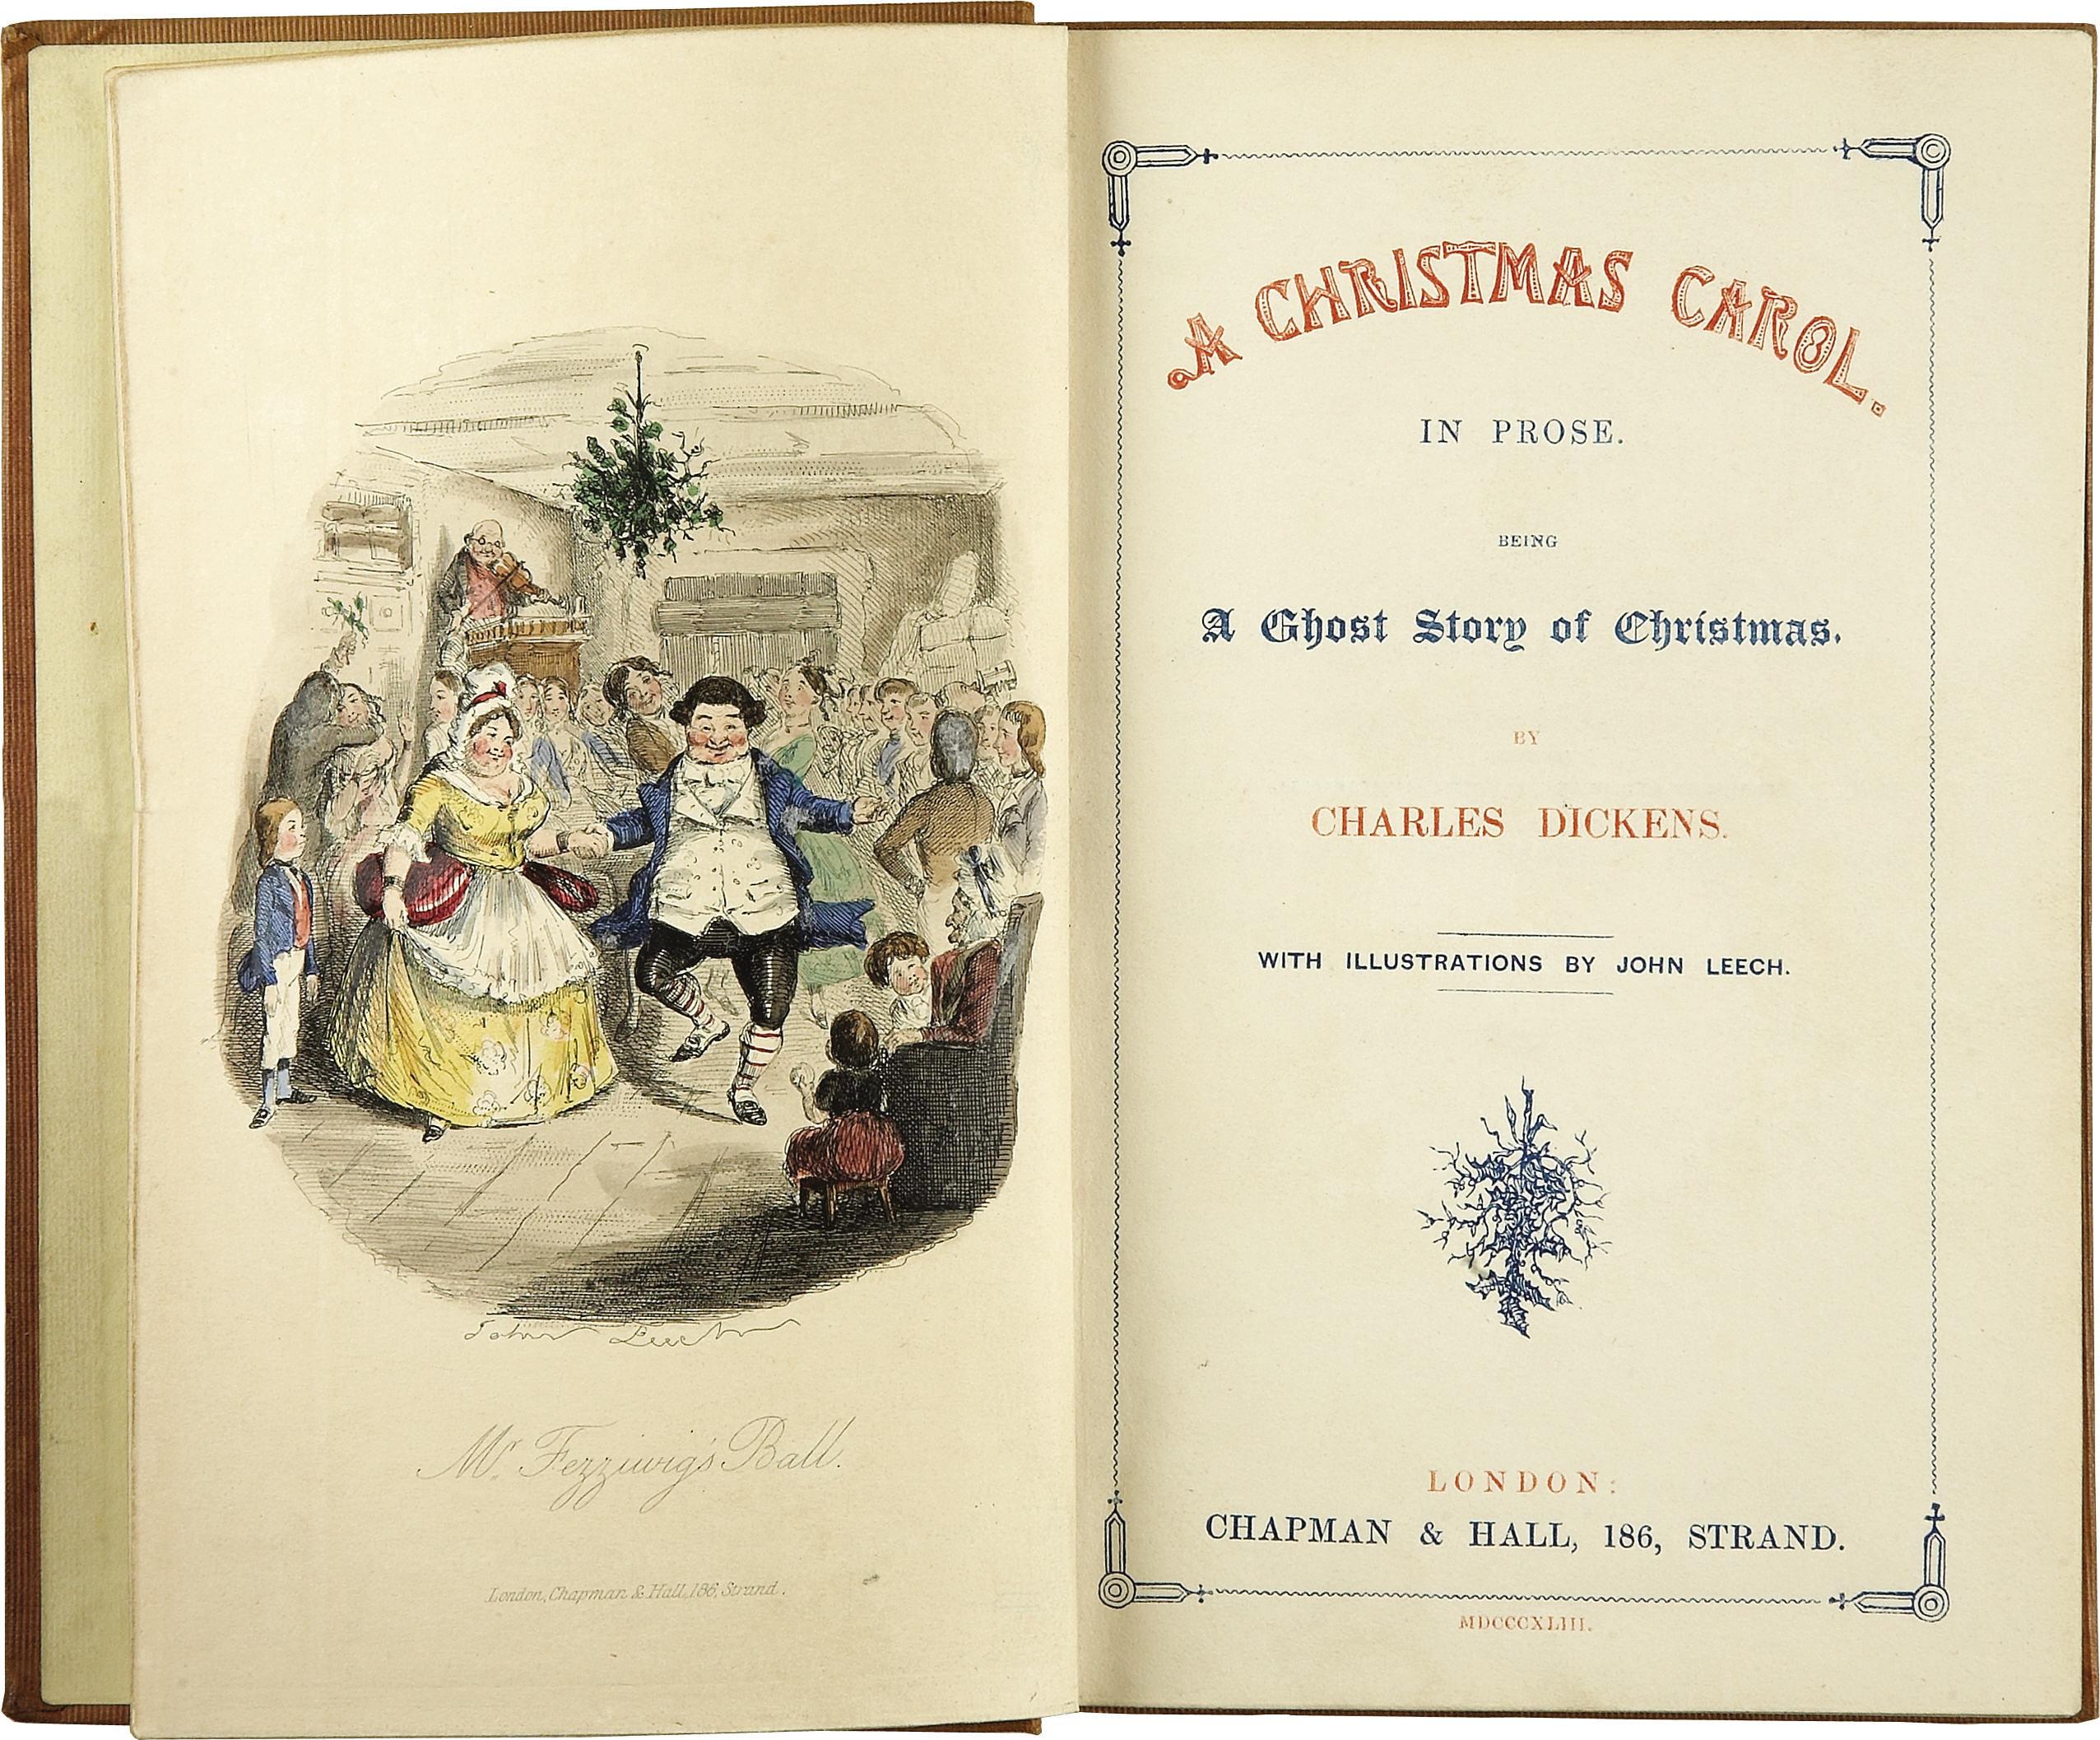 charles dickens, a christmas carol, original book